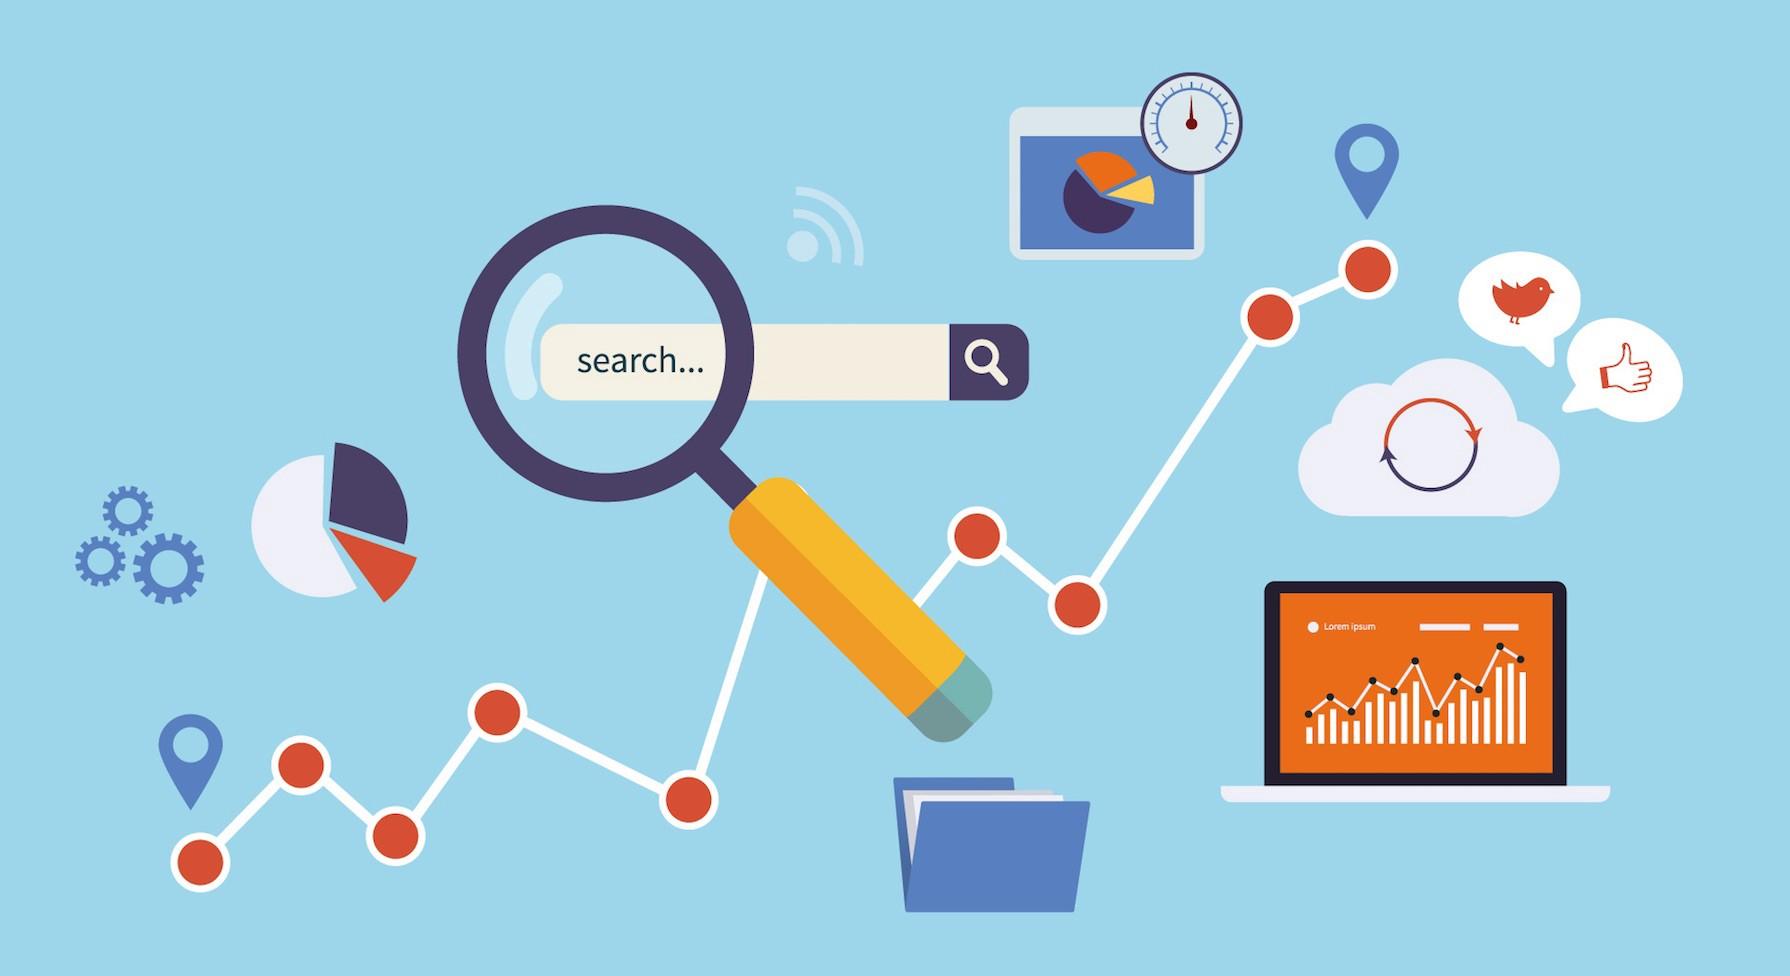 5 Chiến lược Marketing hiệu quả cho doanh nghiệp | Bigstarmedia.vn